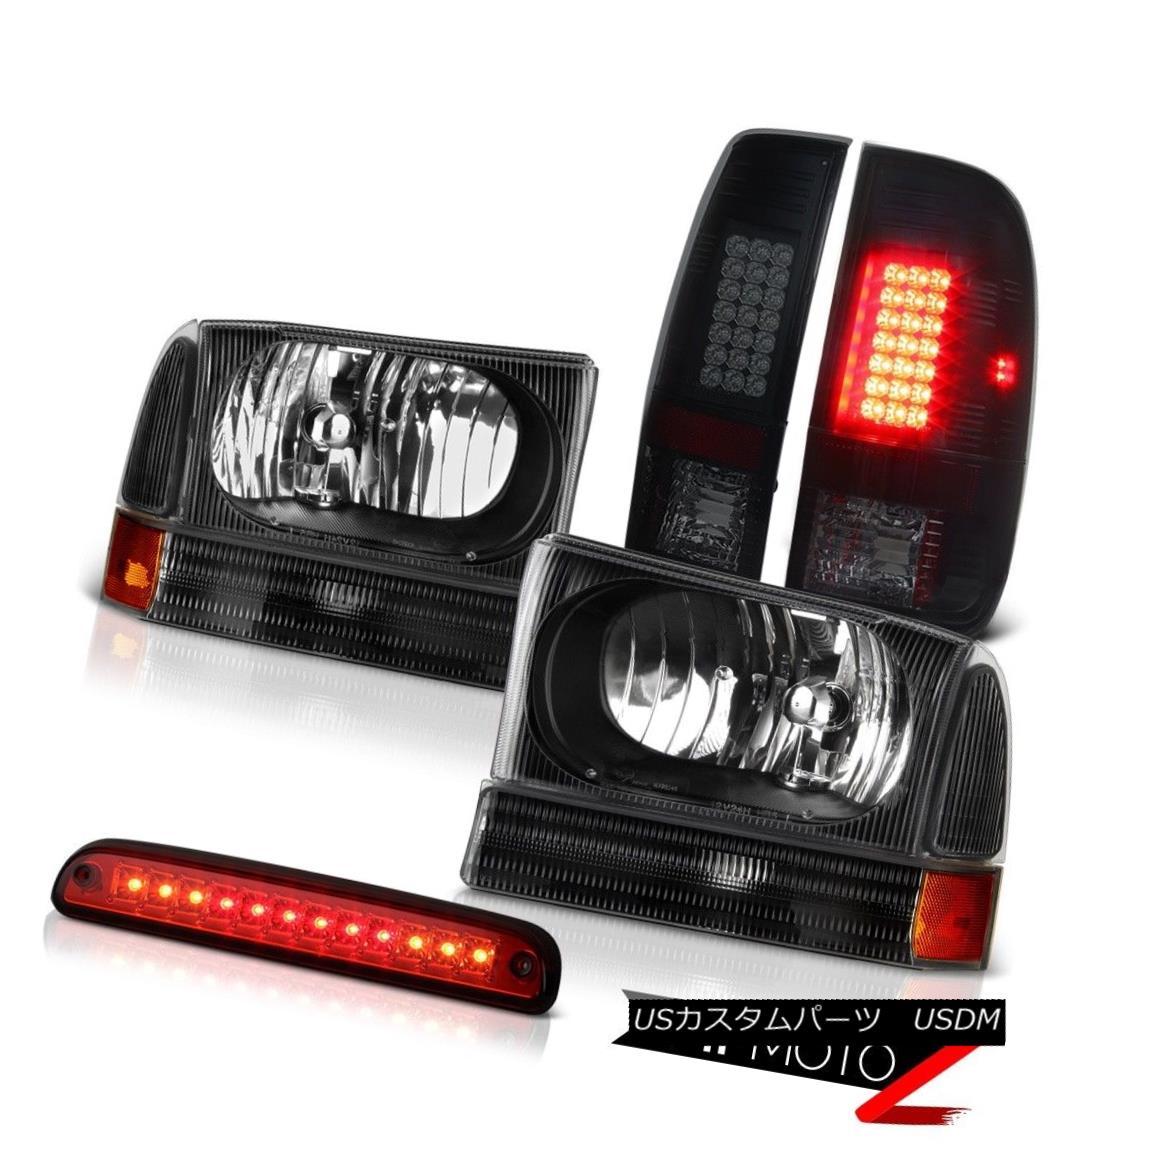 テールライト Pair Black Headlight Third Brake LED TailLight Lamps 99 00 01 02 03 04 Ford F350 ペアブラックヘッドライト第3ブレーキLEDテールライトランプ99 00 01 02 03 04 Ford F350